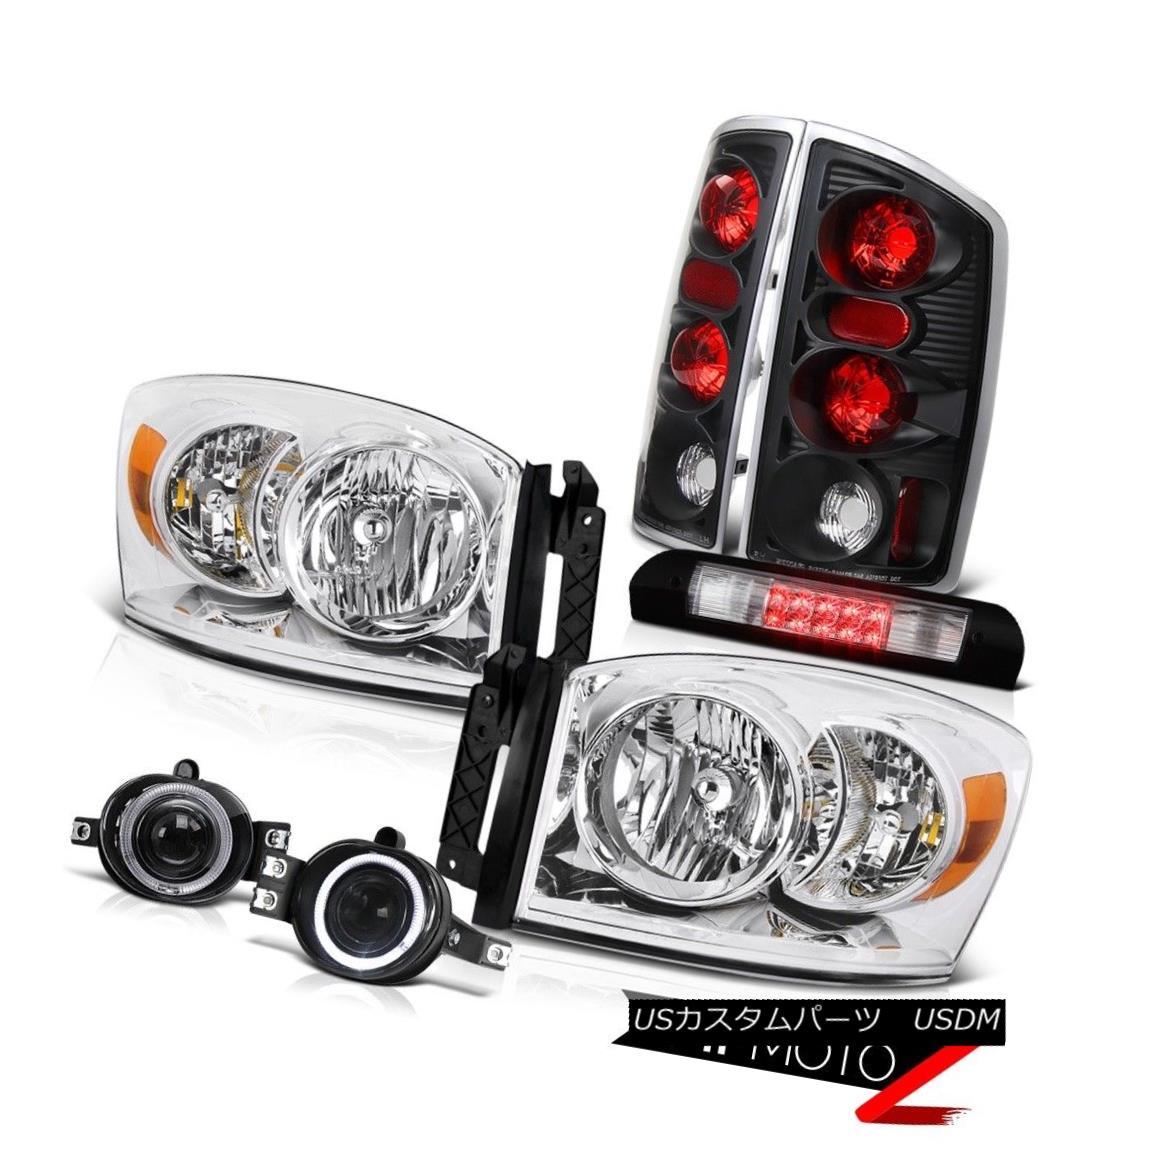 ヘッドライト Clear Headlamps Tail Brake Lights Projector Foglights Third Cargo LED 06 Ram ST クリアヘッドランプテールブレーキライトプロジェクターフォグライト第3貨物LED 06 Ram ST